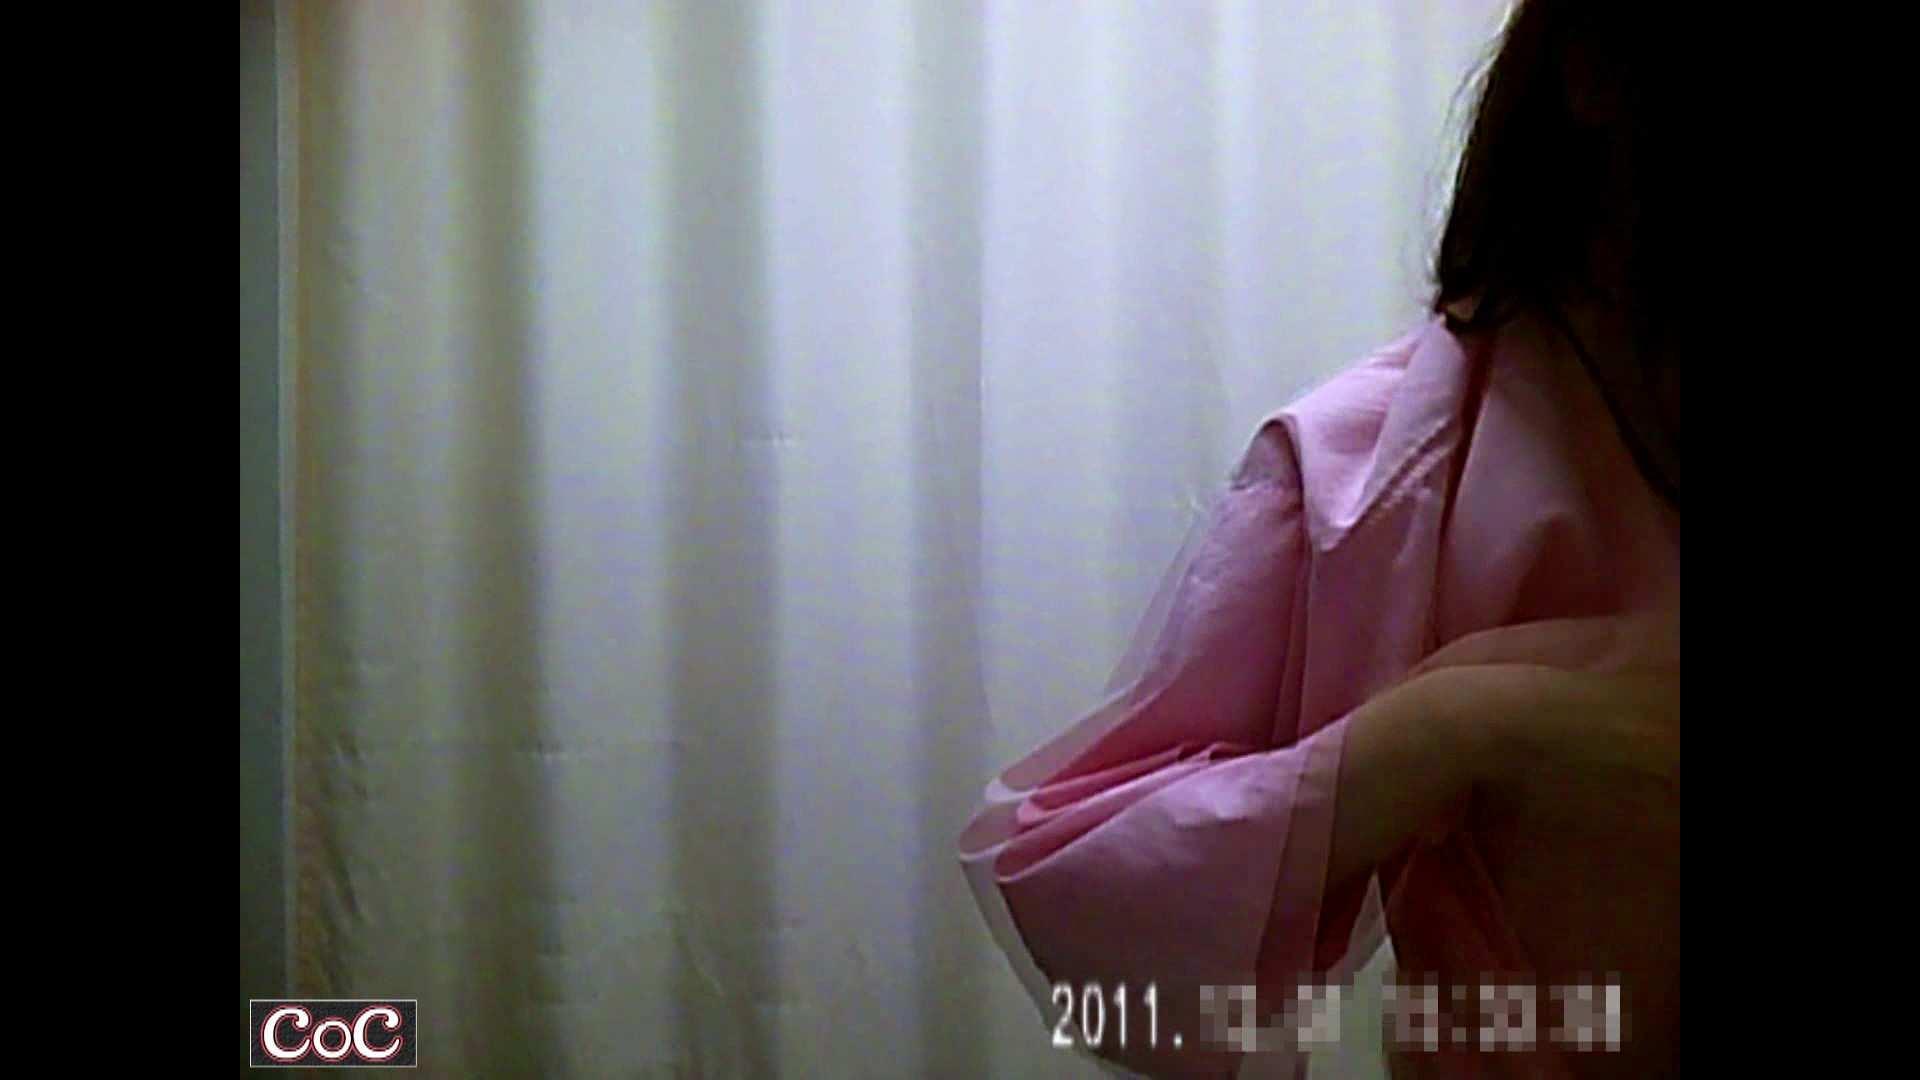 病院おもいっきり着替え! vol.107 おっぱい特集 オメコ無修正動画無料 67pic 4